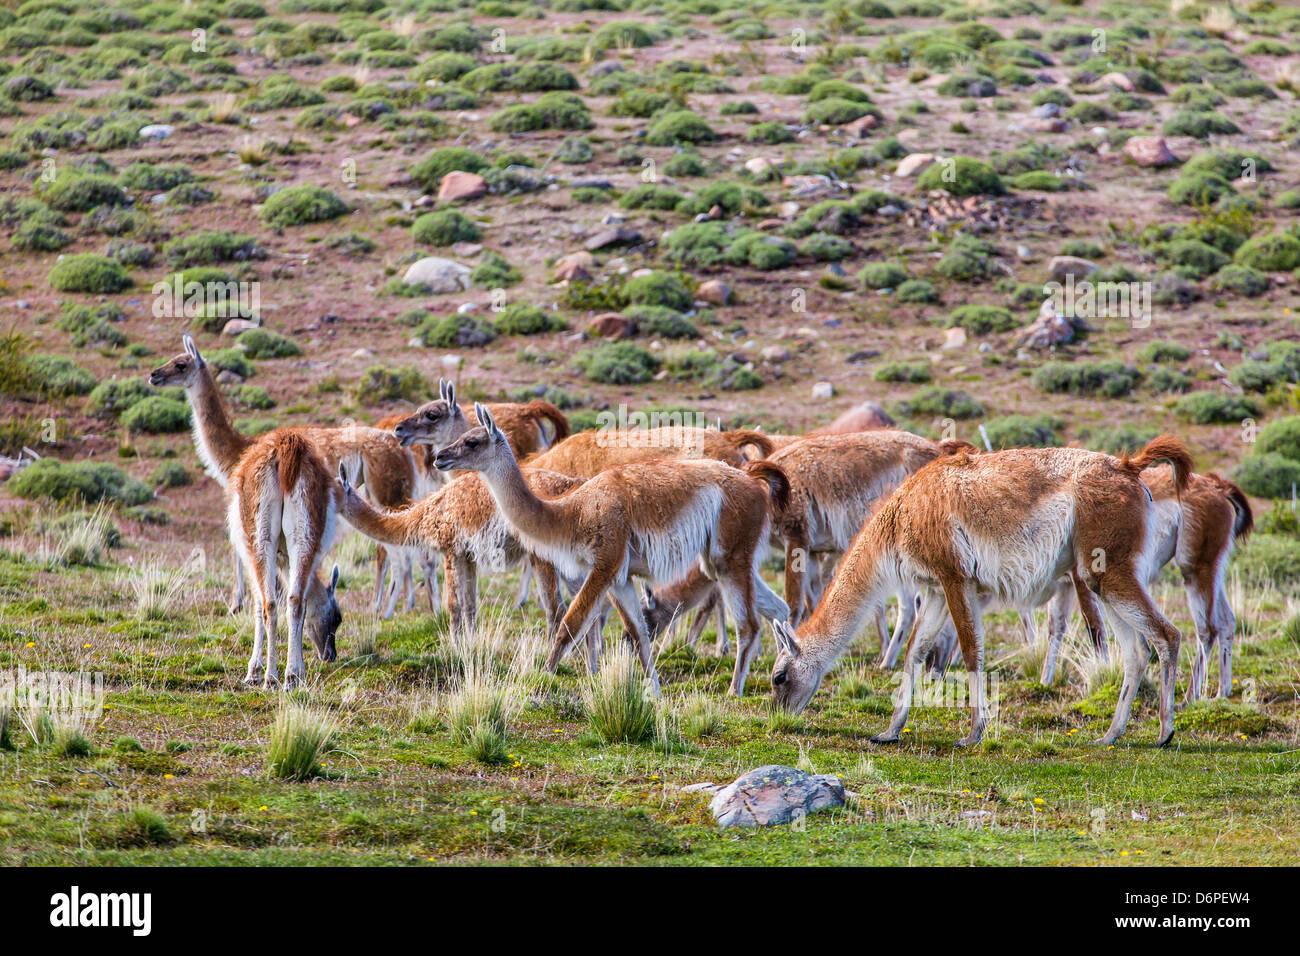 Adulto guanacos (Lama guanicoe), Parque Nacional Torres del Paine en la Patagonia, Chile, Sudamérica Foto de stock